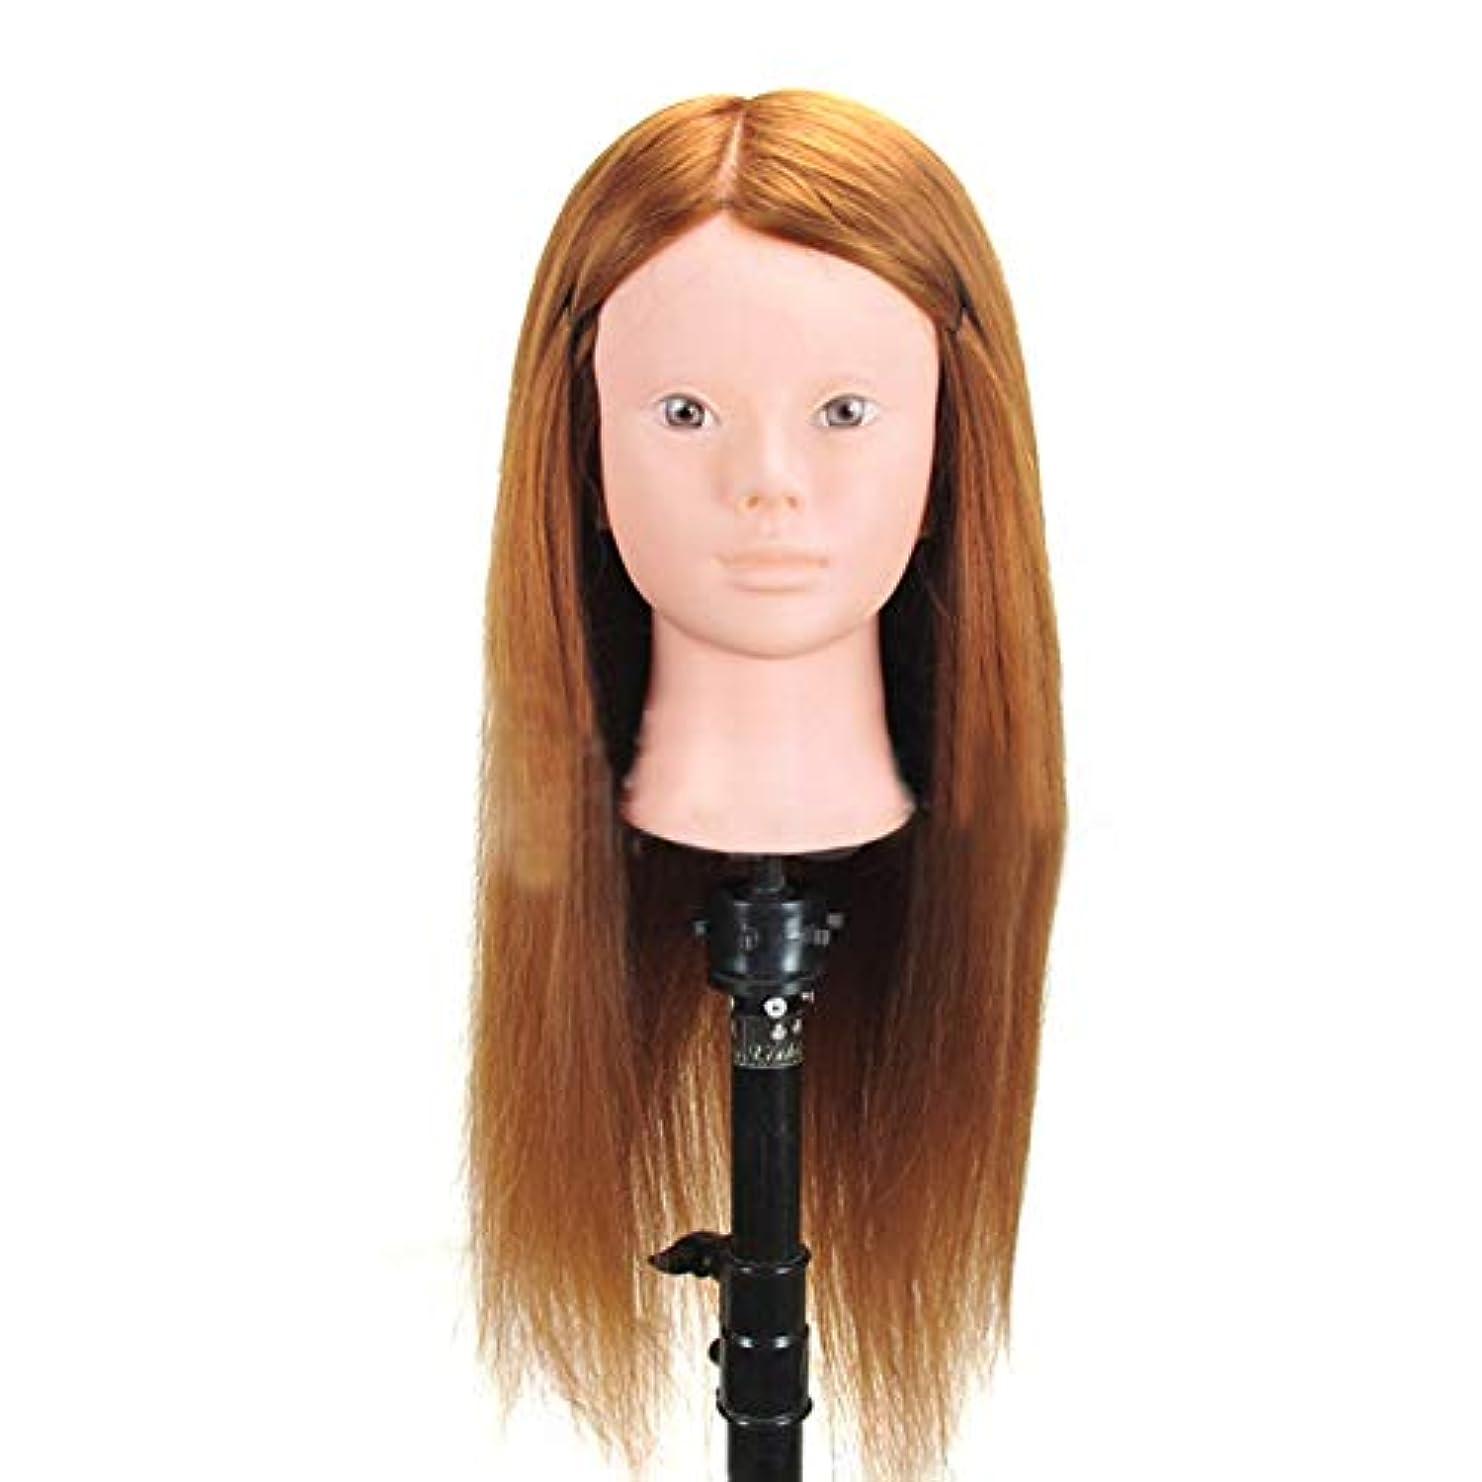 カストディアン戸口混乱高温シルクヘアマネキンヘッド編組ヘアヘアピンヘッドモデルサロンパーマ髪染め学習ダミーヘッド